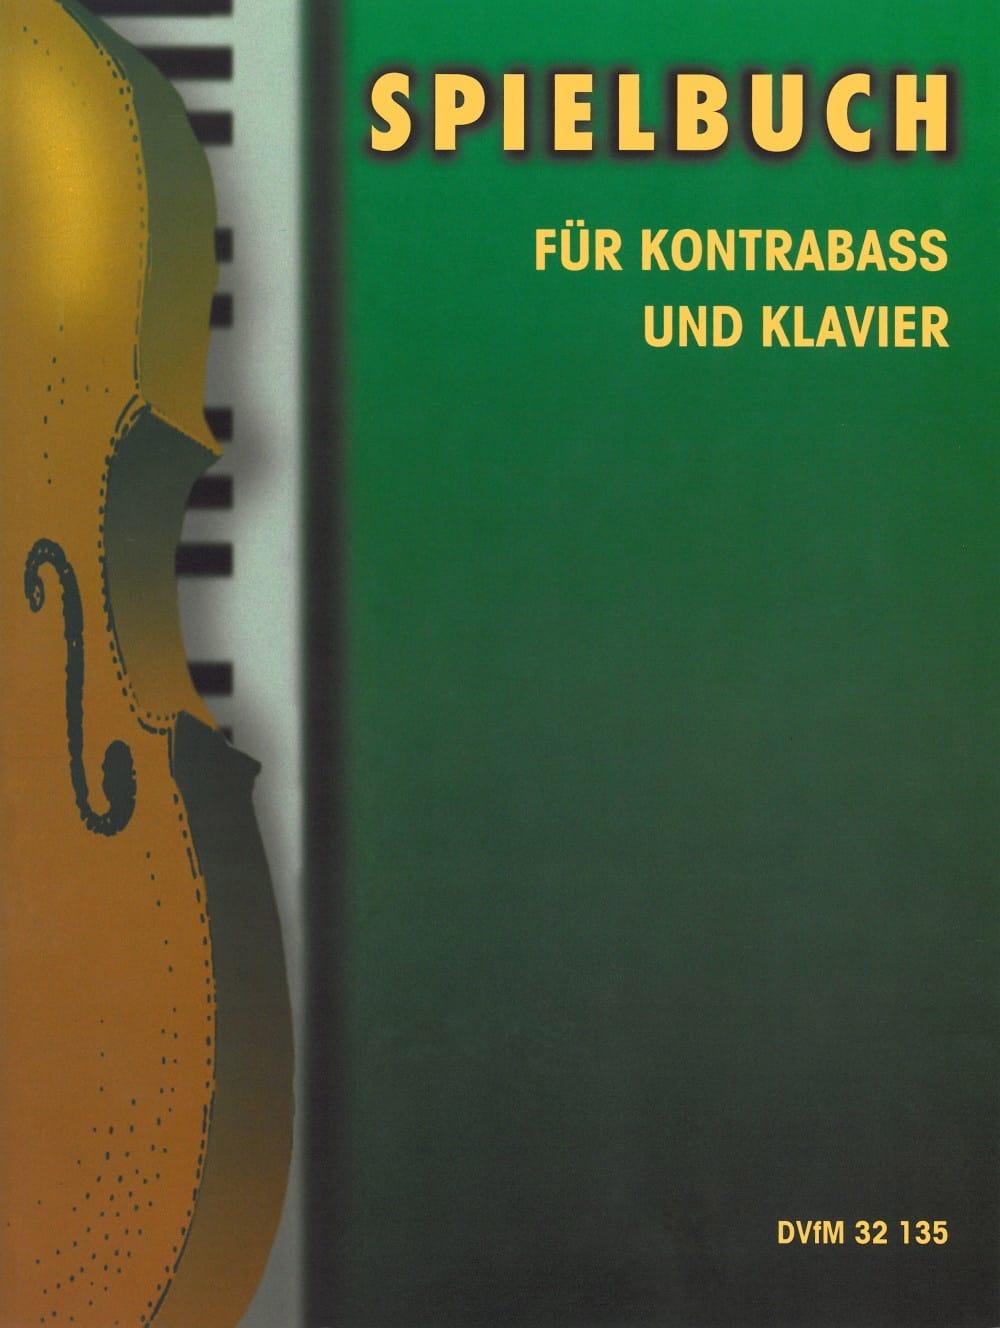 Spielbuch für Kontrabass - Partition - laflutedepan.com